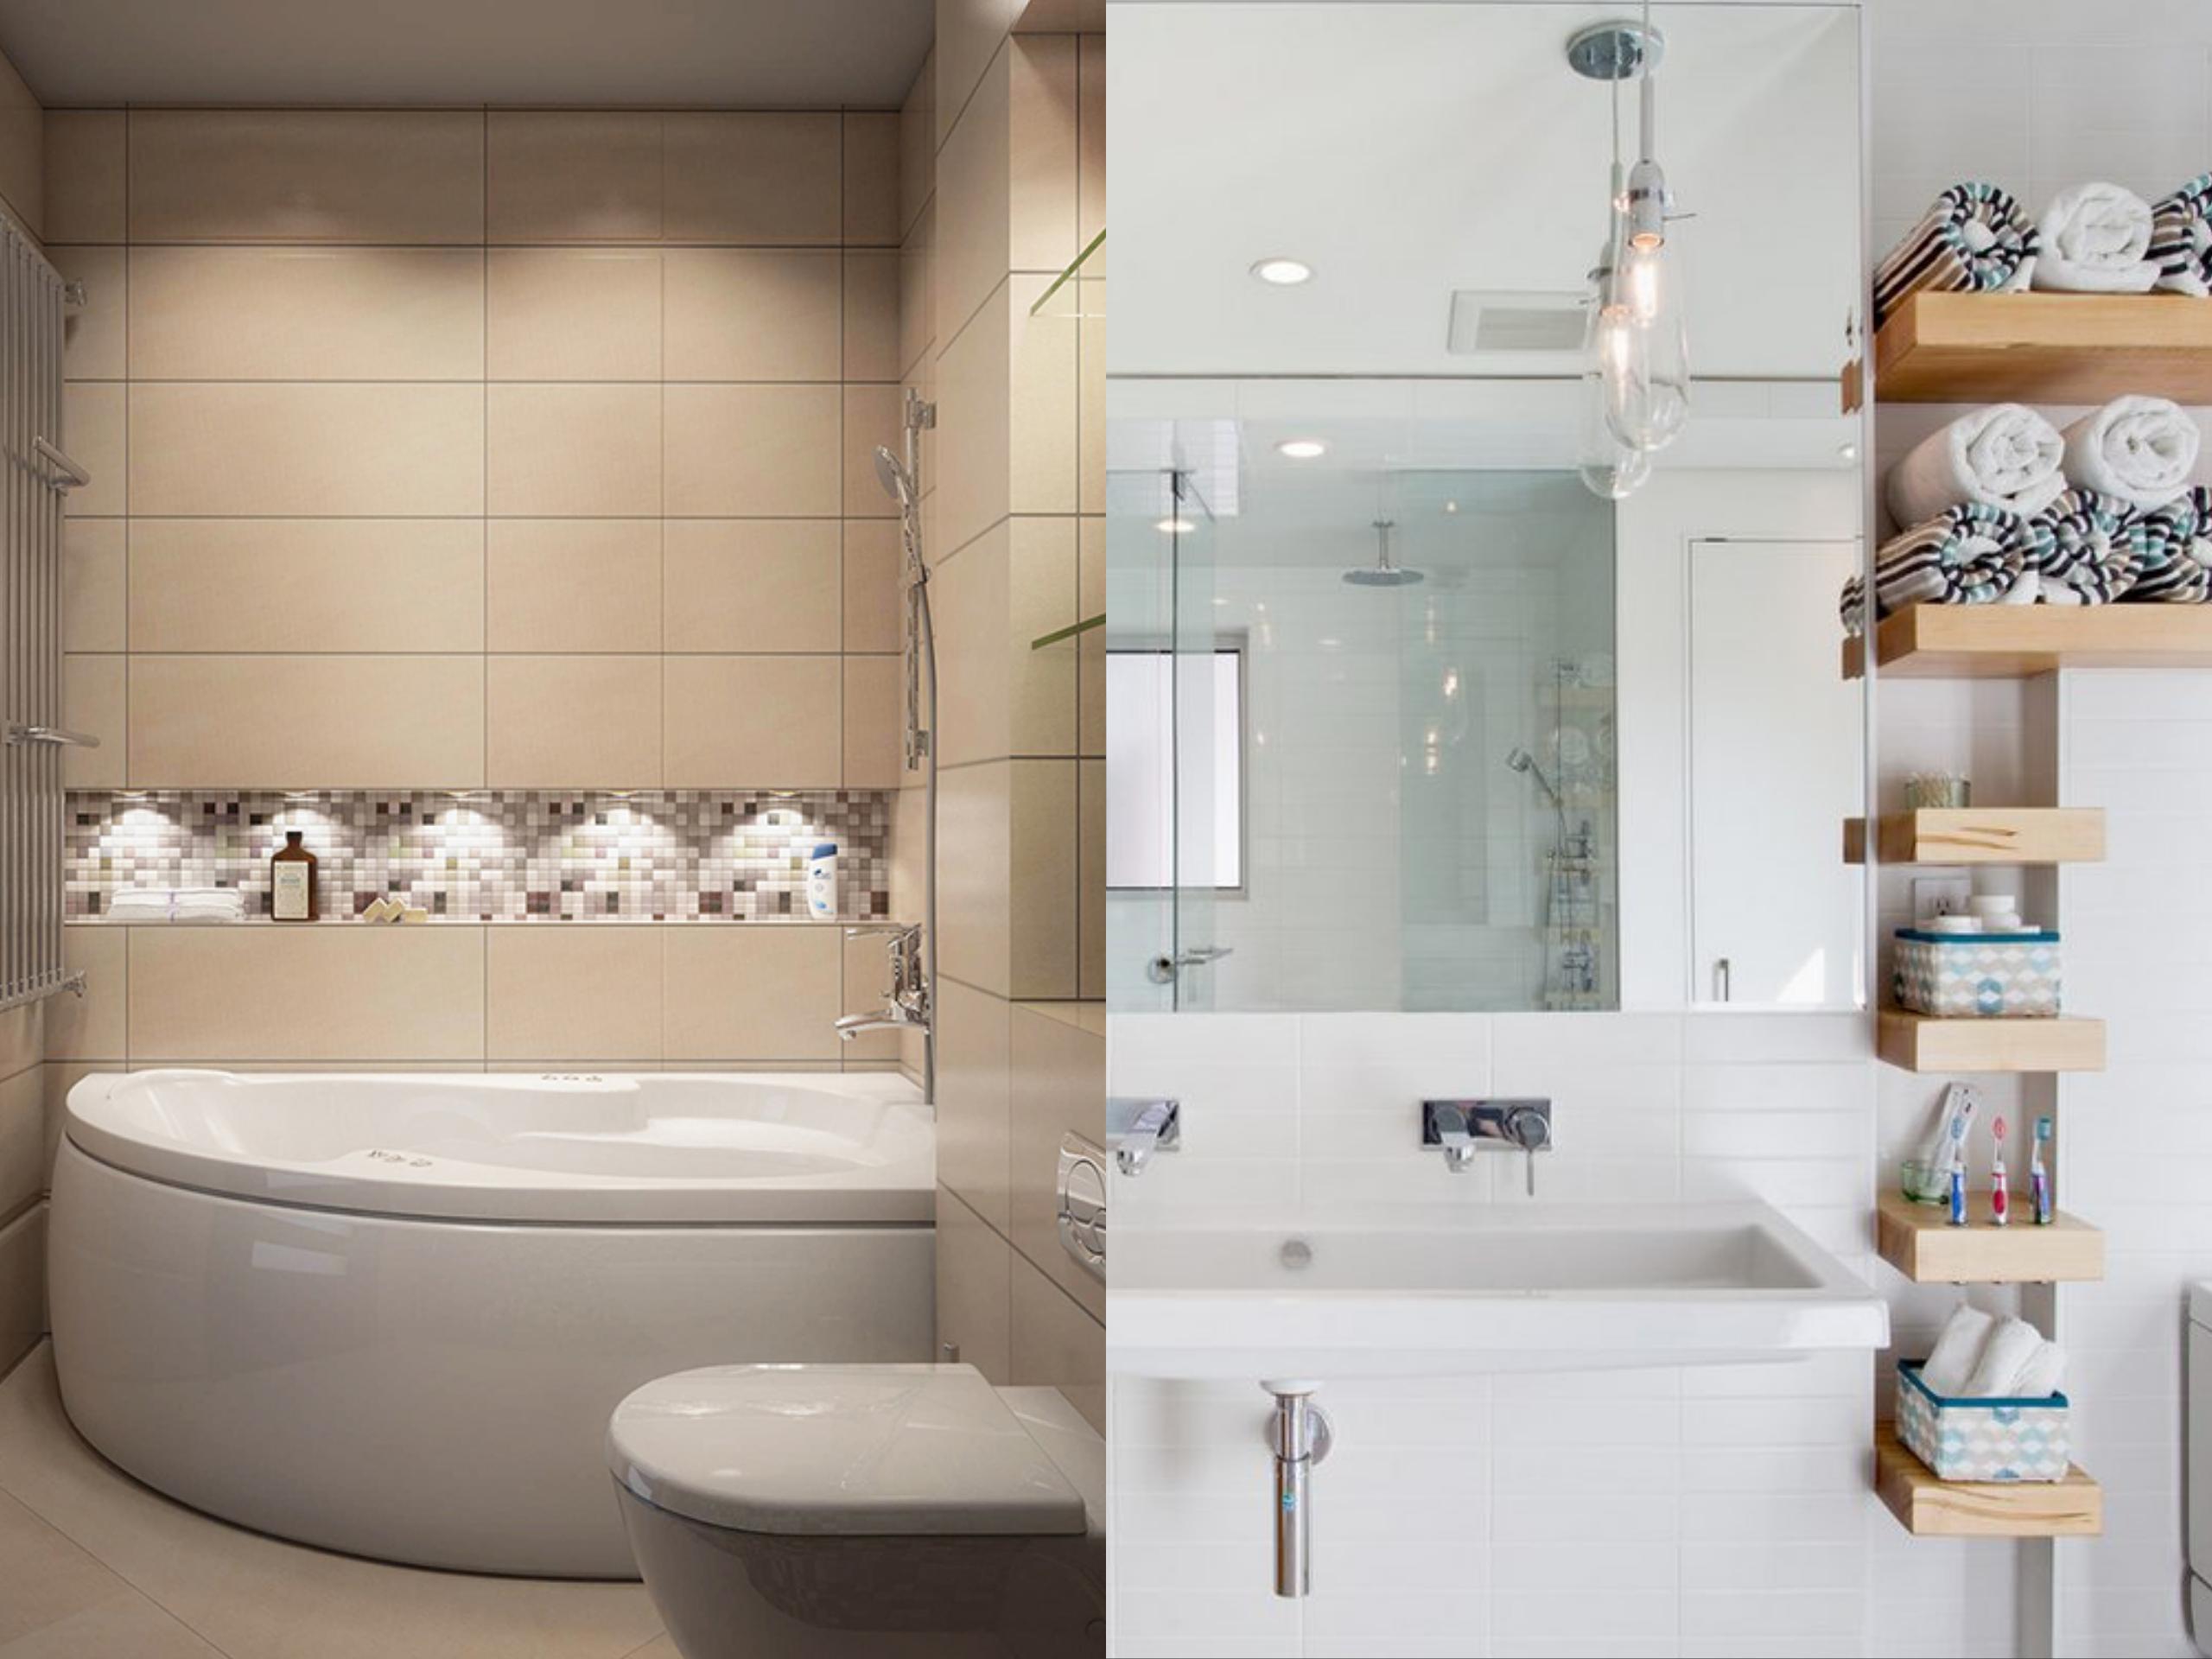 Nagy ötletek kis fürdőszobákhoz - Mirage Fürdőszoba - Mirage Fürdőszoba